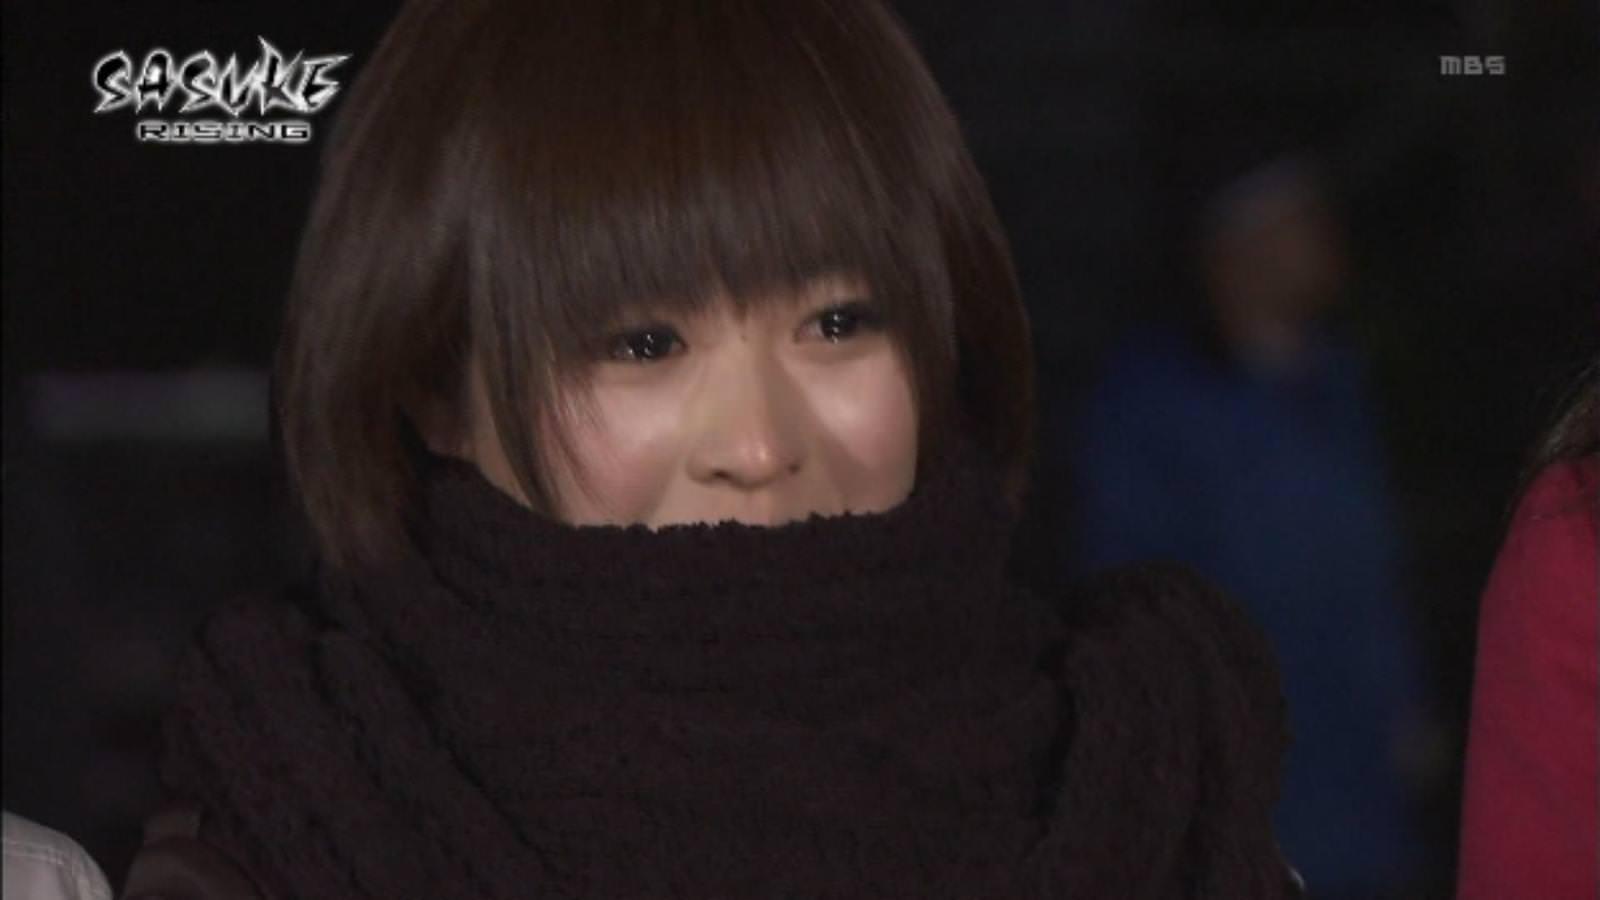 テレビに写った素人娘がめっちゃ可愛かった美少女のキャプエロ画像 790